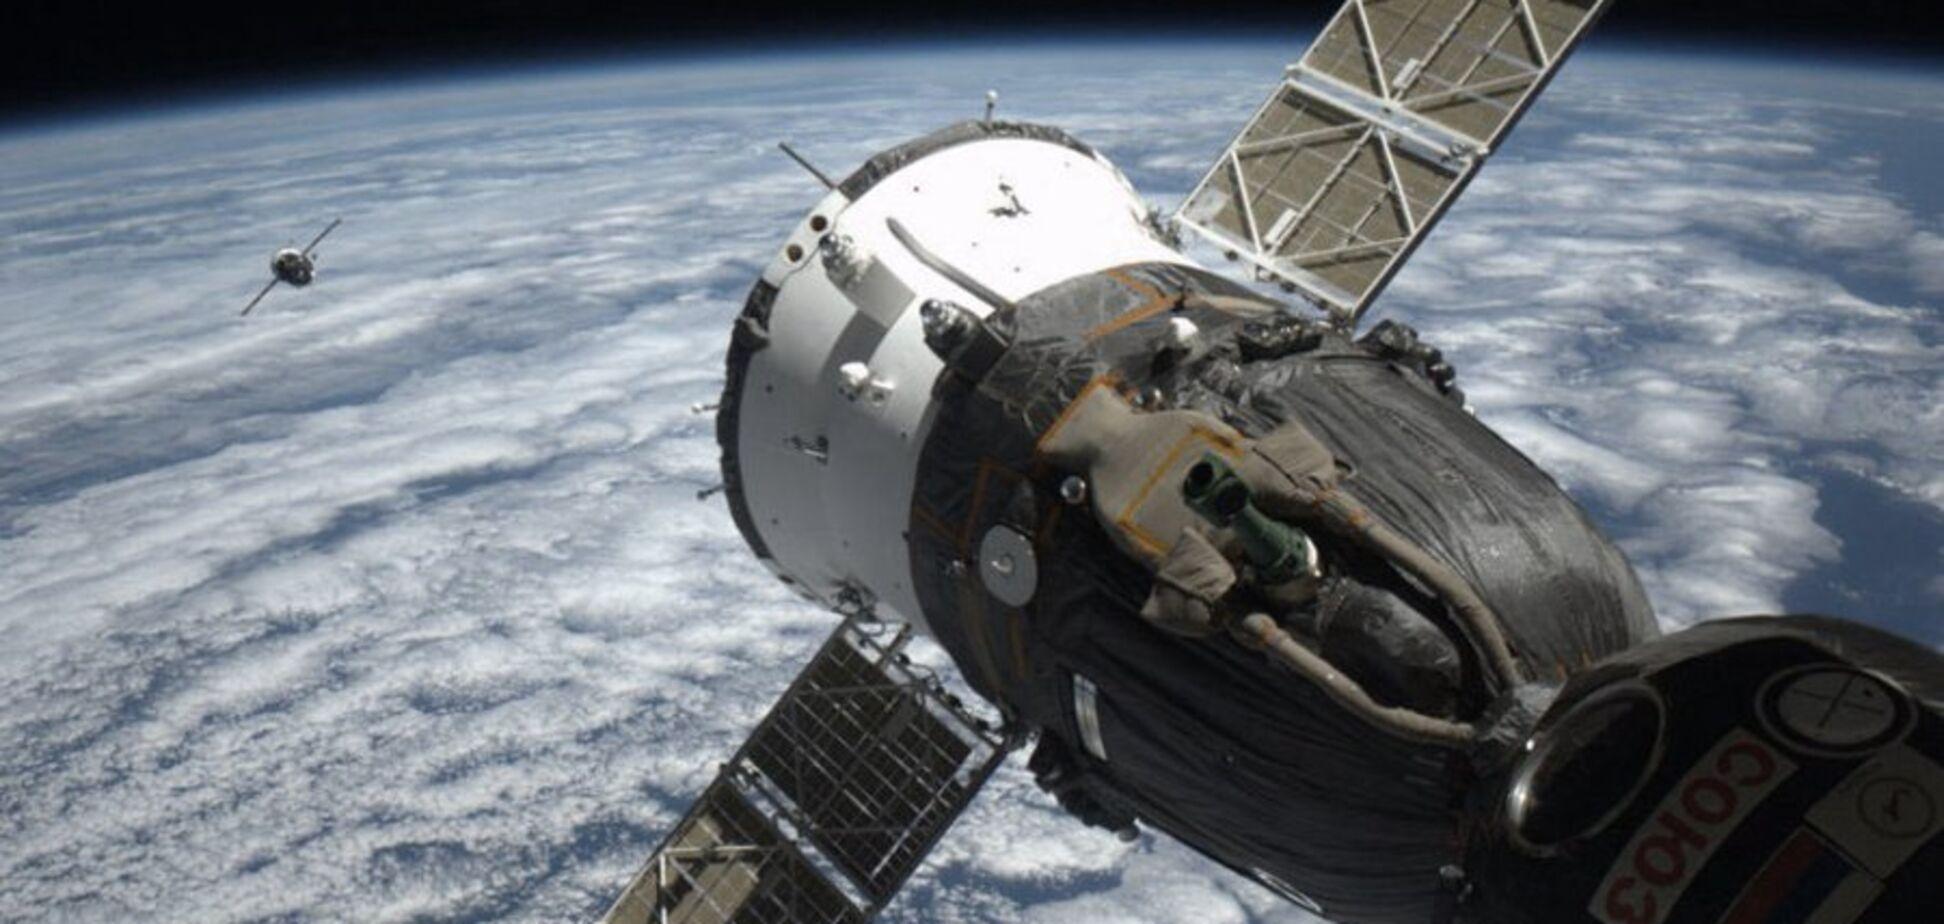 Российской пилотируемой космонавтике приходит смерть